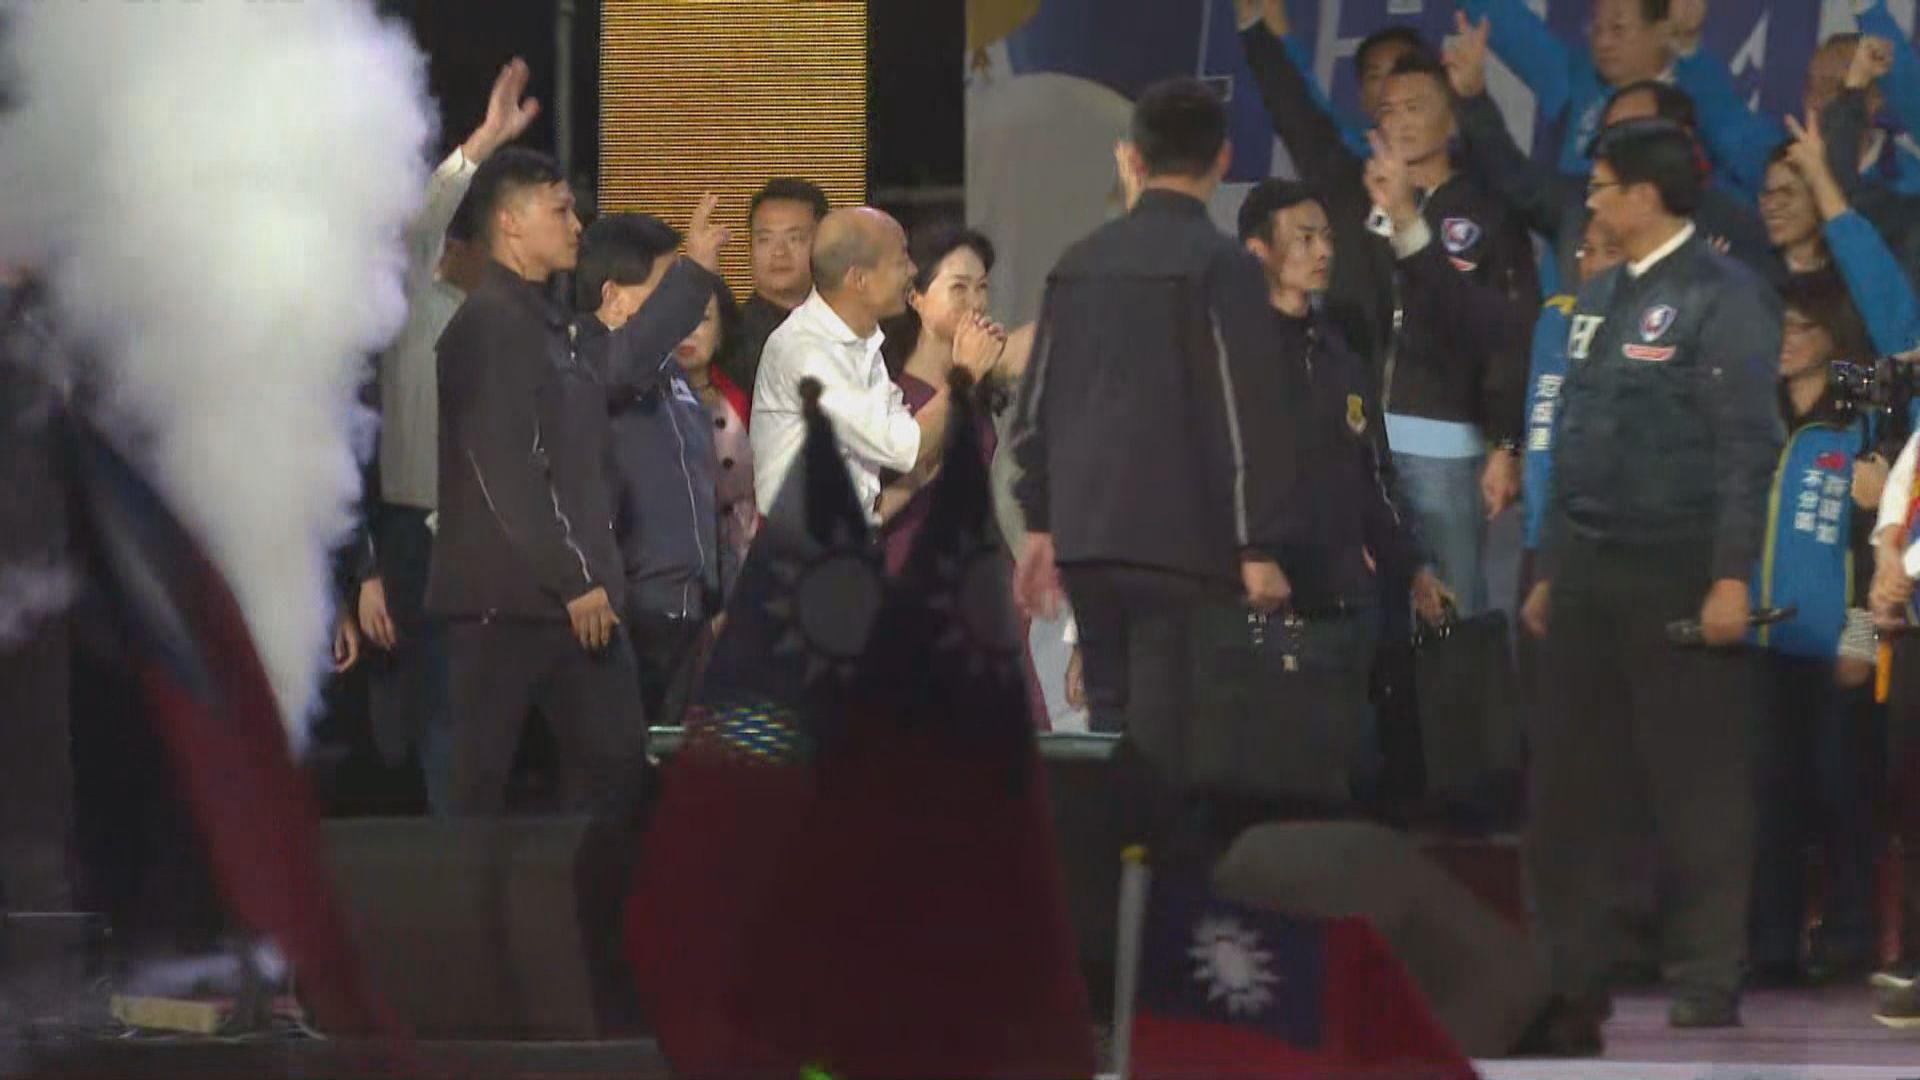 韓國瑜:如當選總統會發展經濟 不會重北輕南